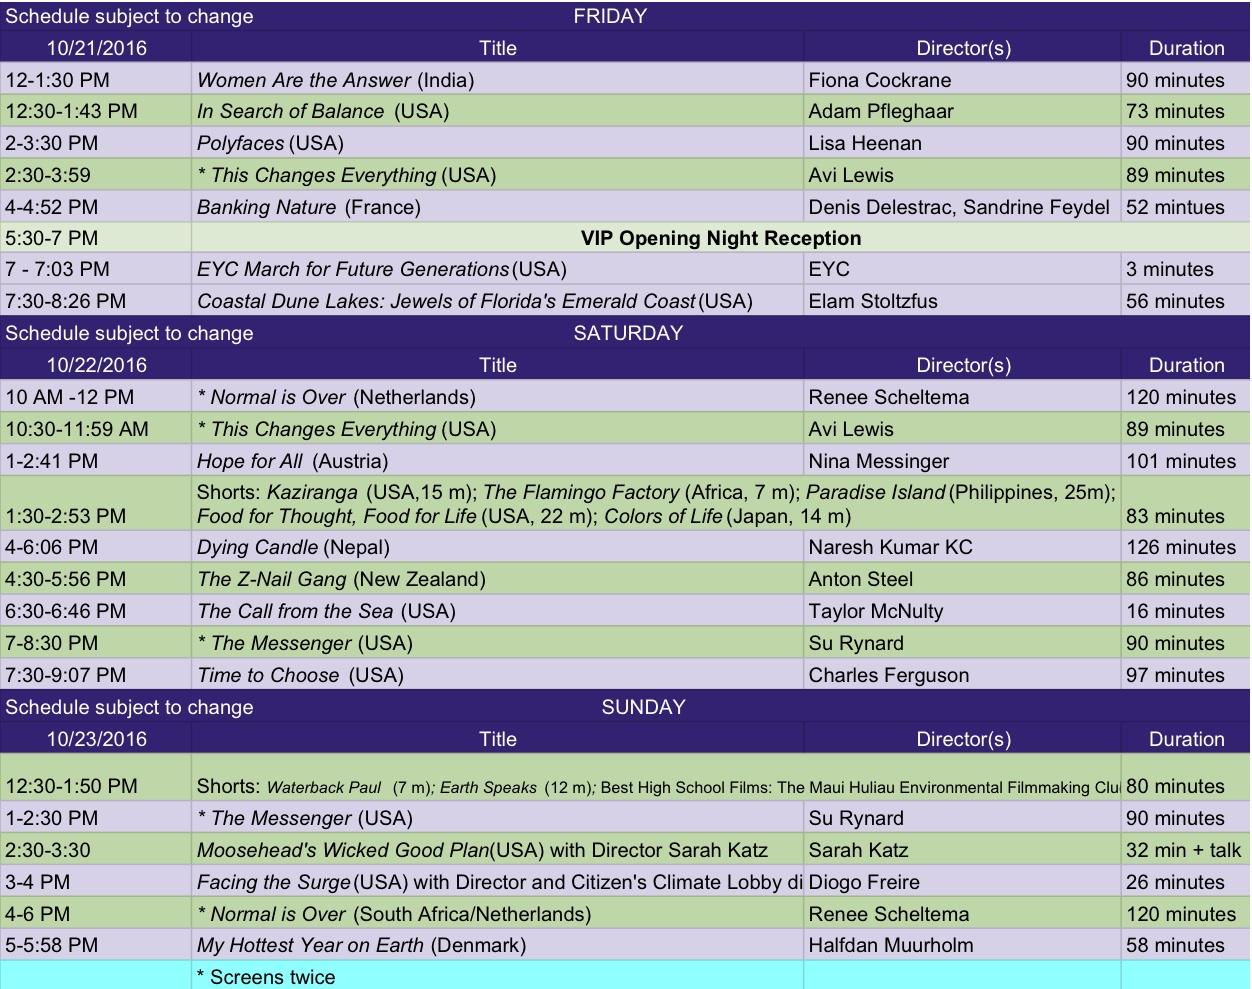 st. aug 2016 schedule